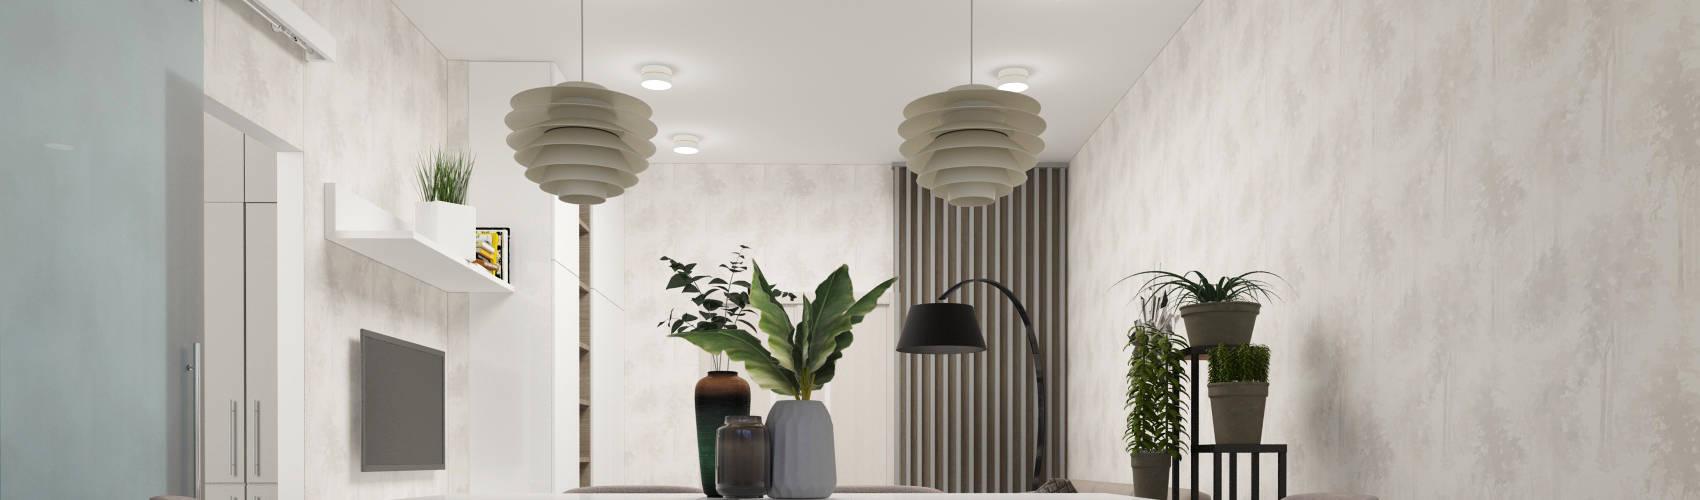 Yana Ikrina Design